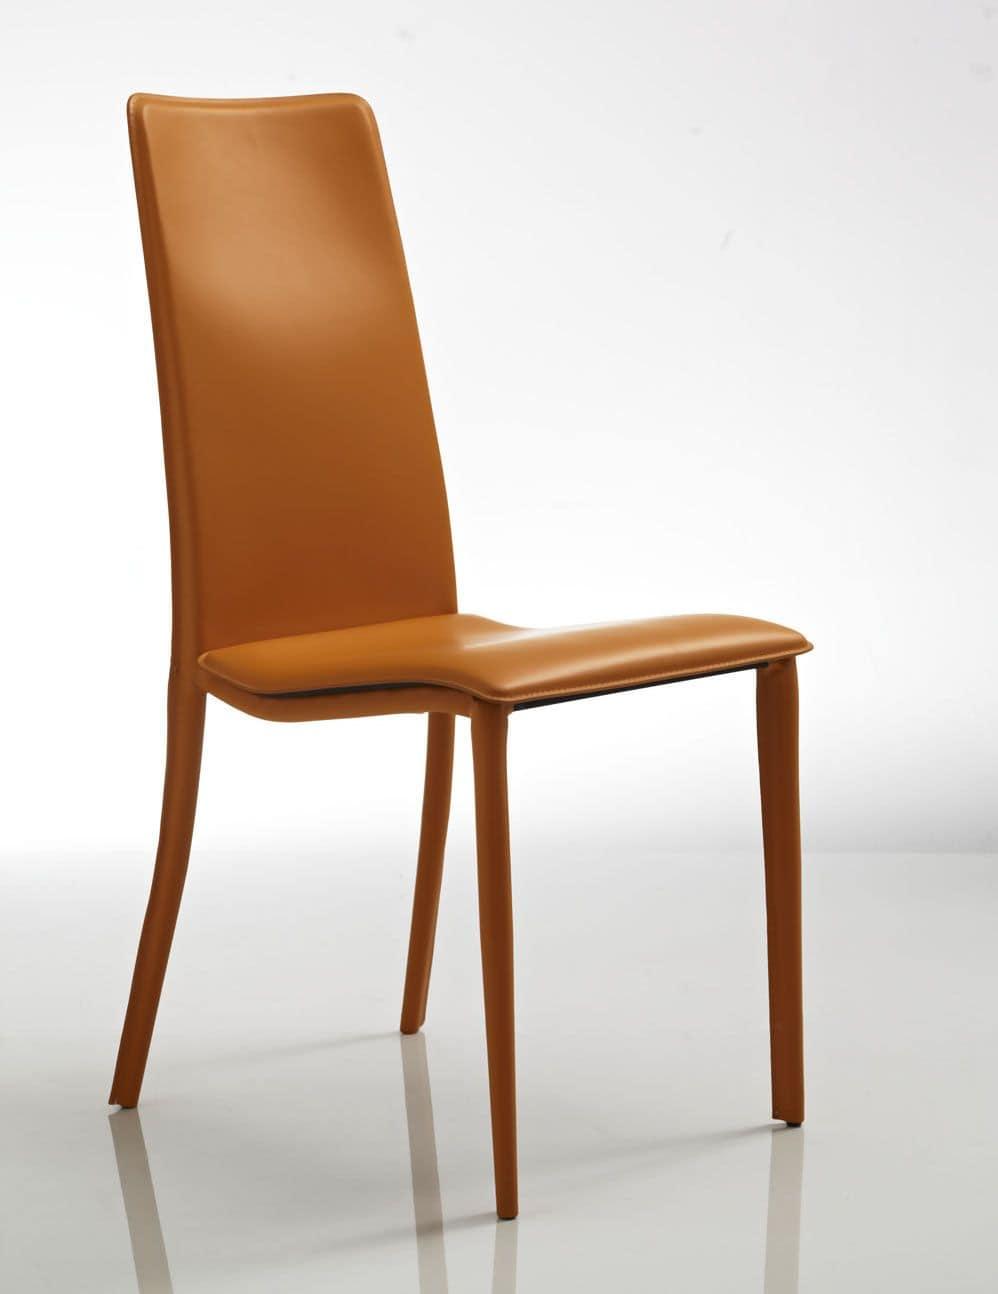 Cora, Comoda sedia, in cuoio arancione, per ristorante e albergo